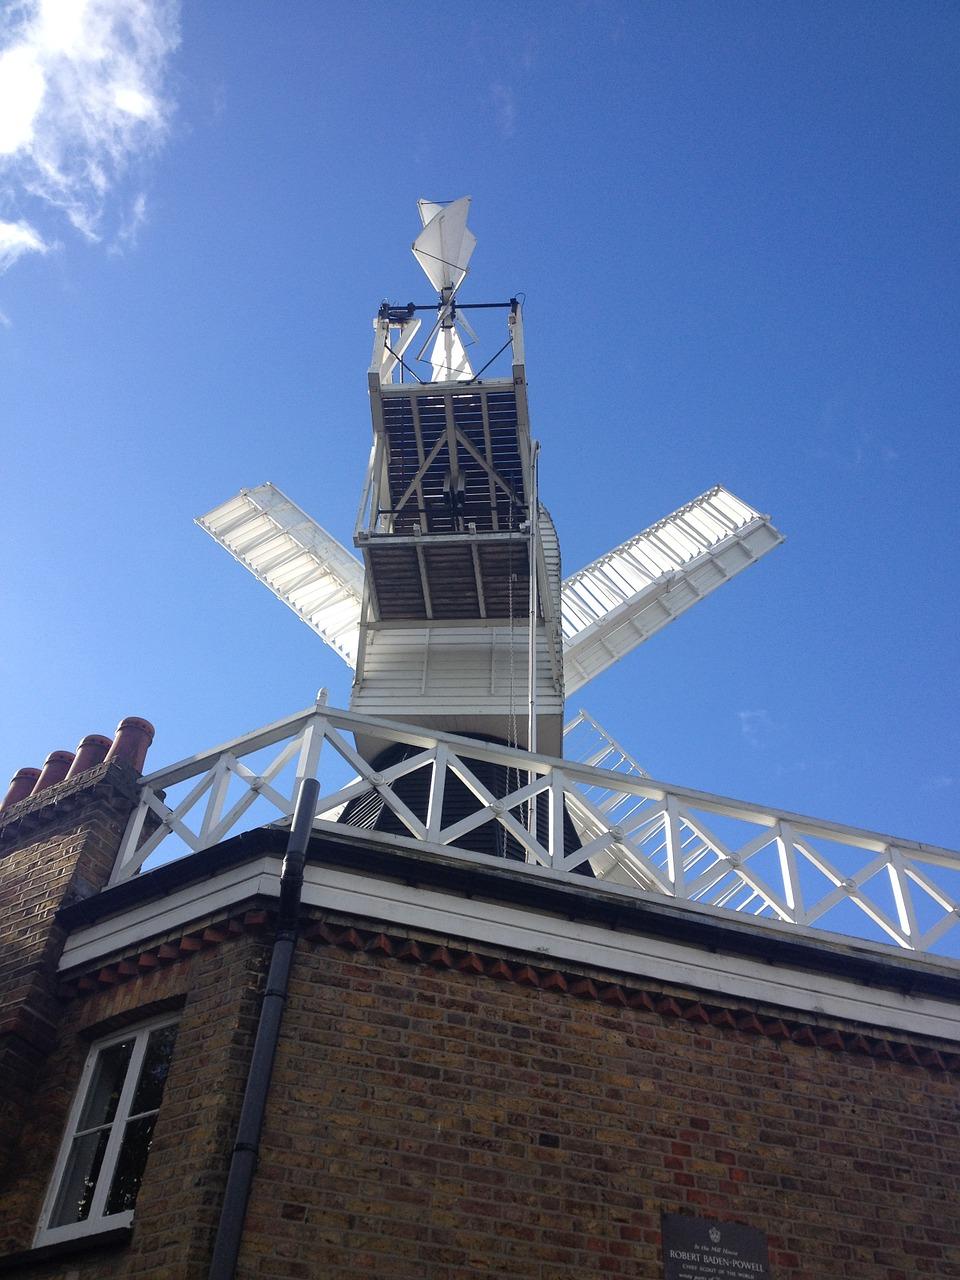 Image of a windmill at Wimbledon